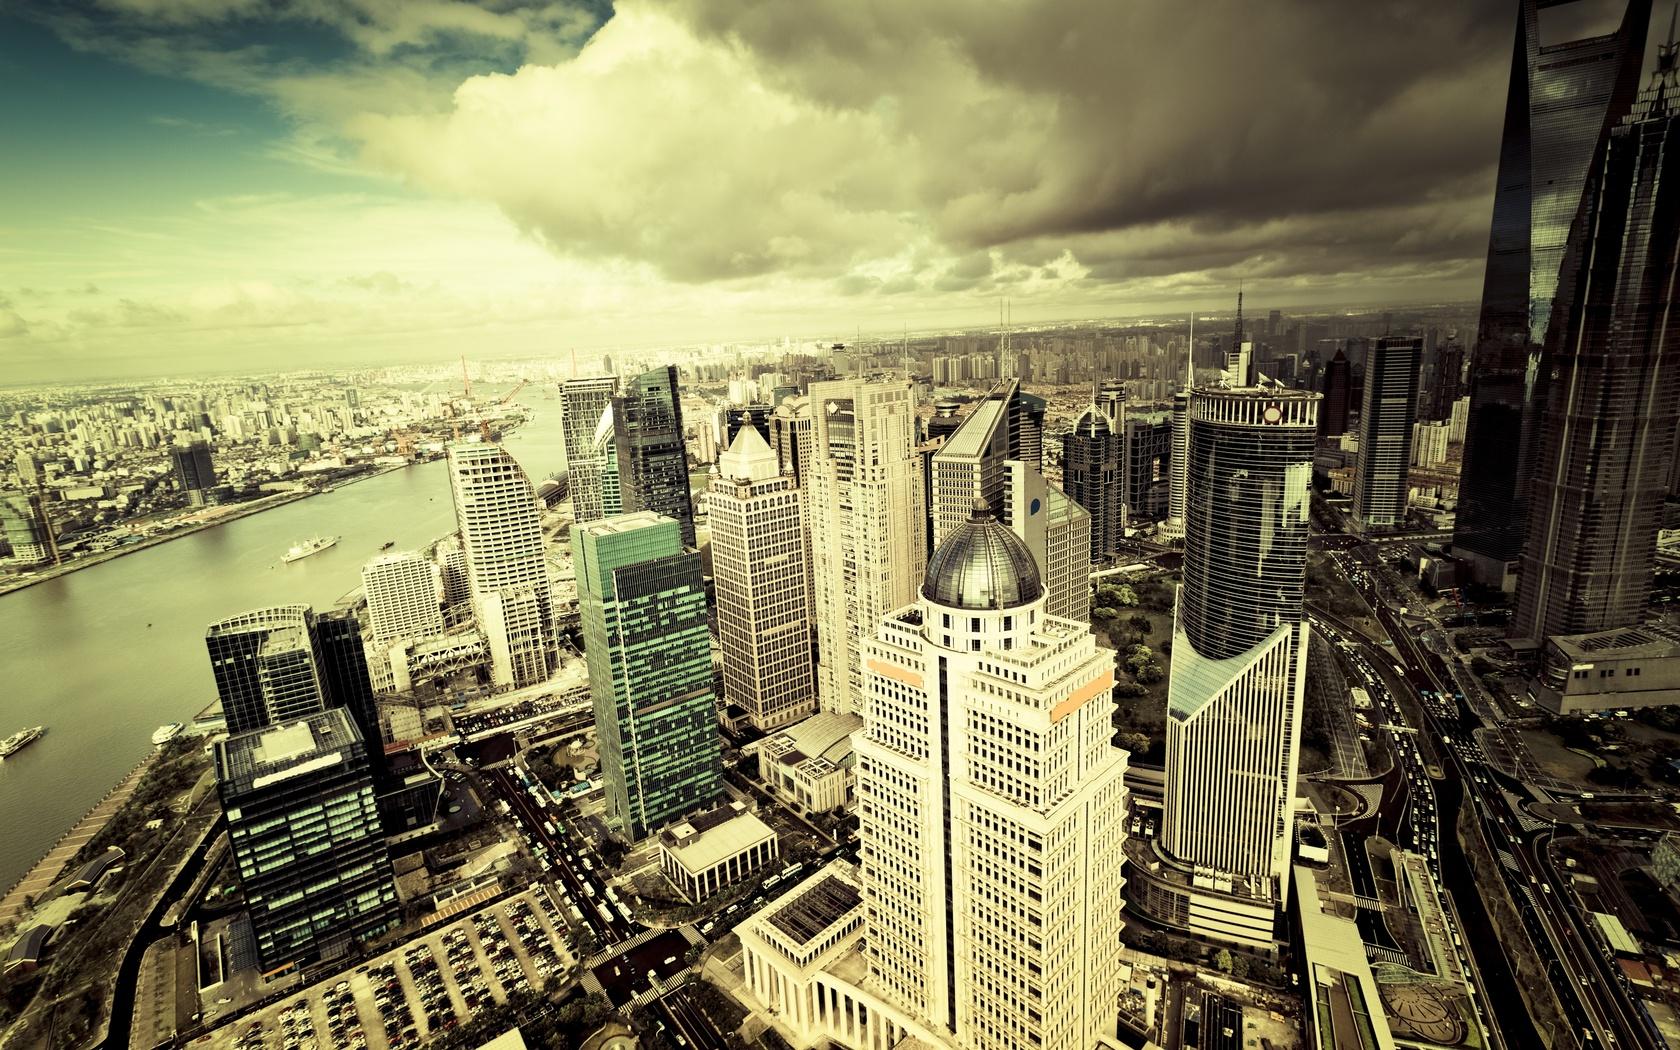 облака, здания, City, небоскребы, мегаполис, город, небо